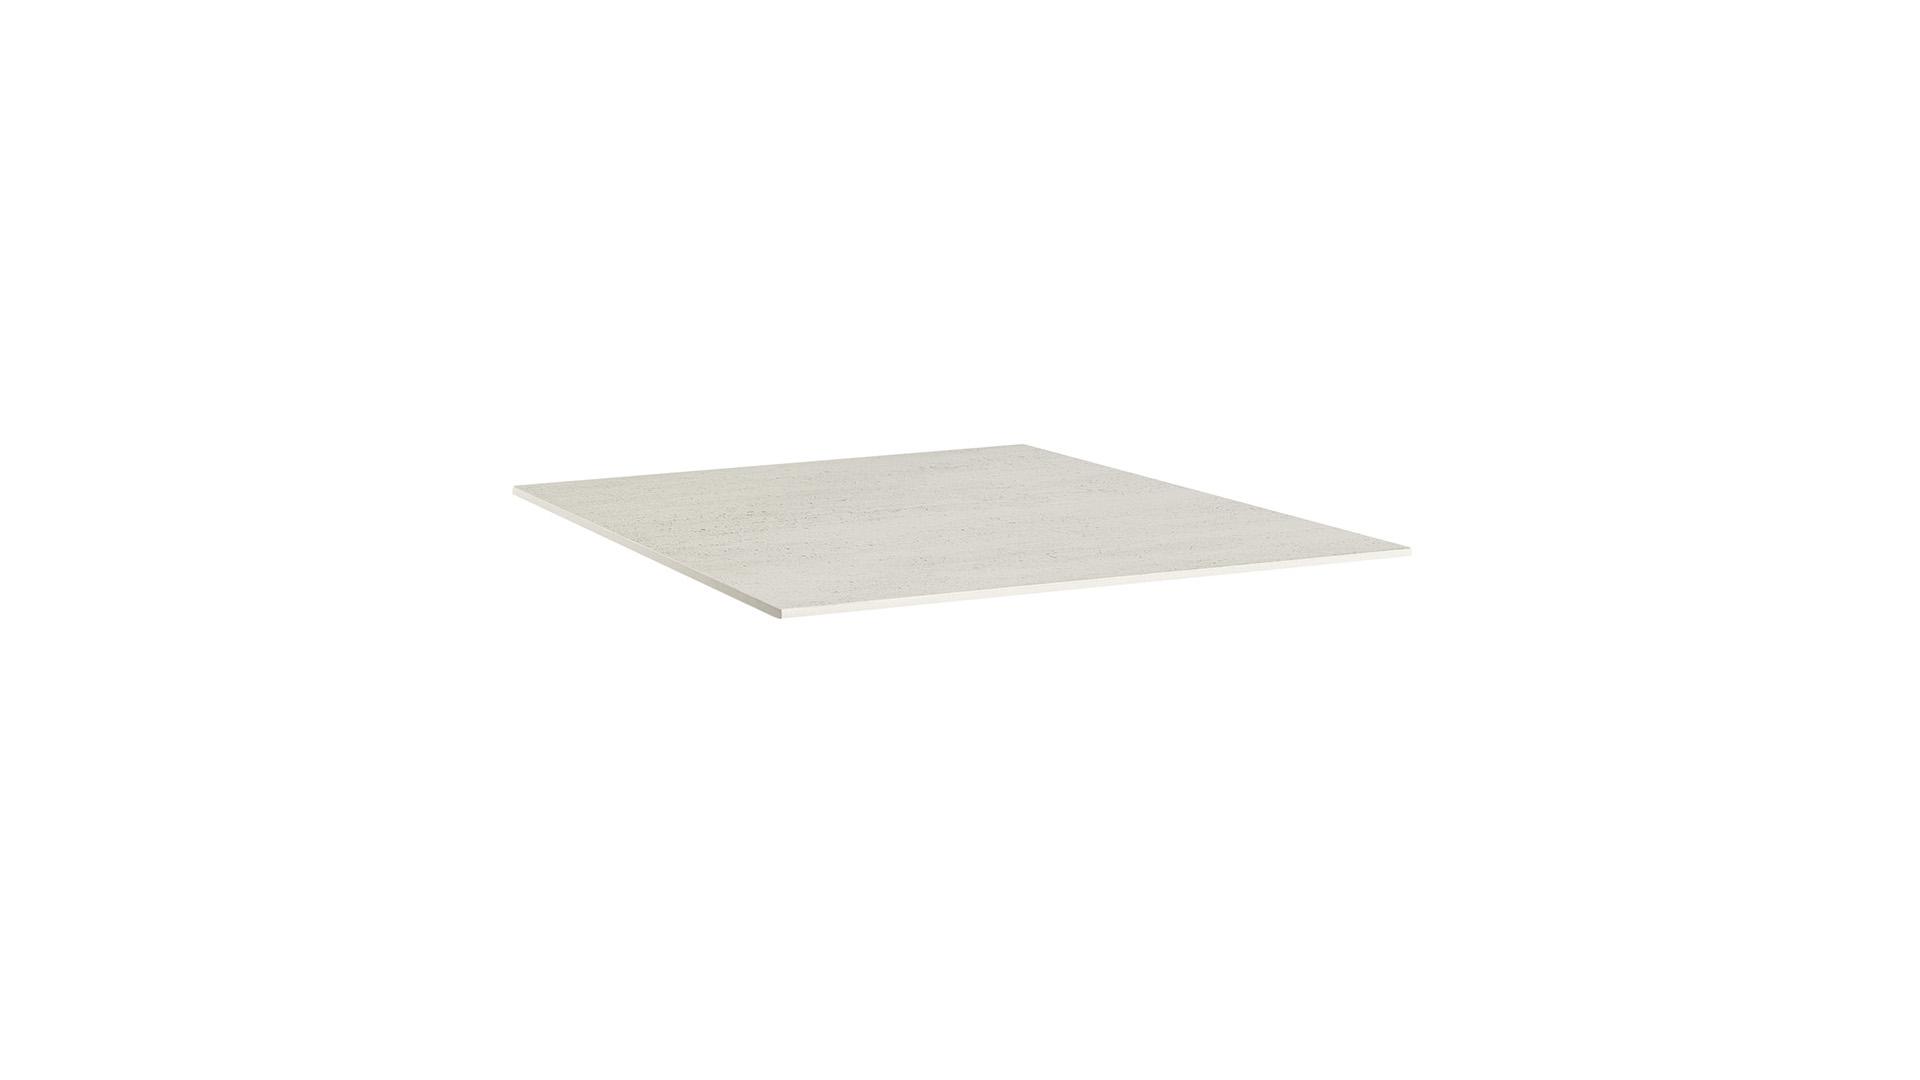 DEKTON Keramik-Glas-Quarz Tischplatte 95 x 95 cm